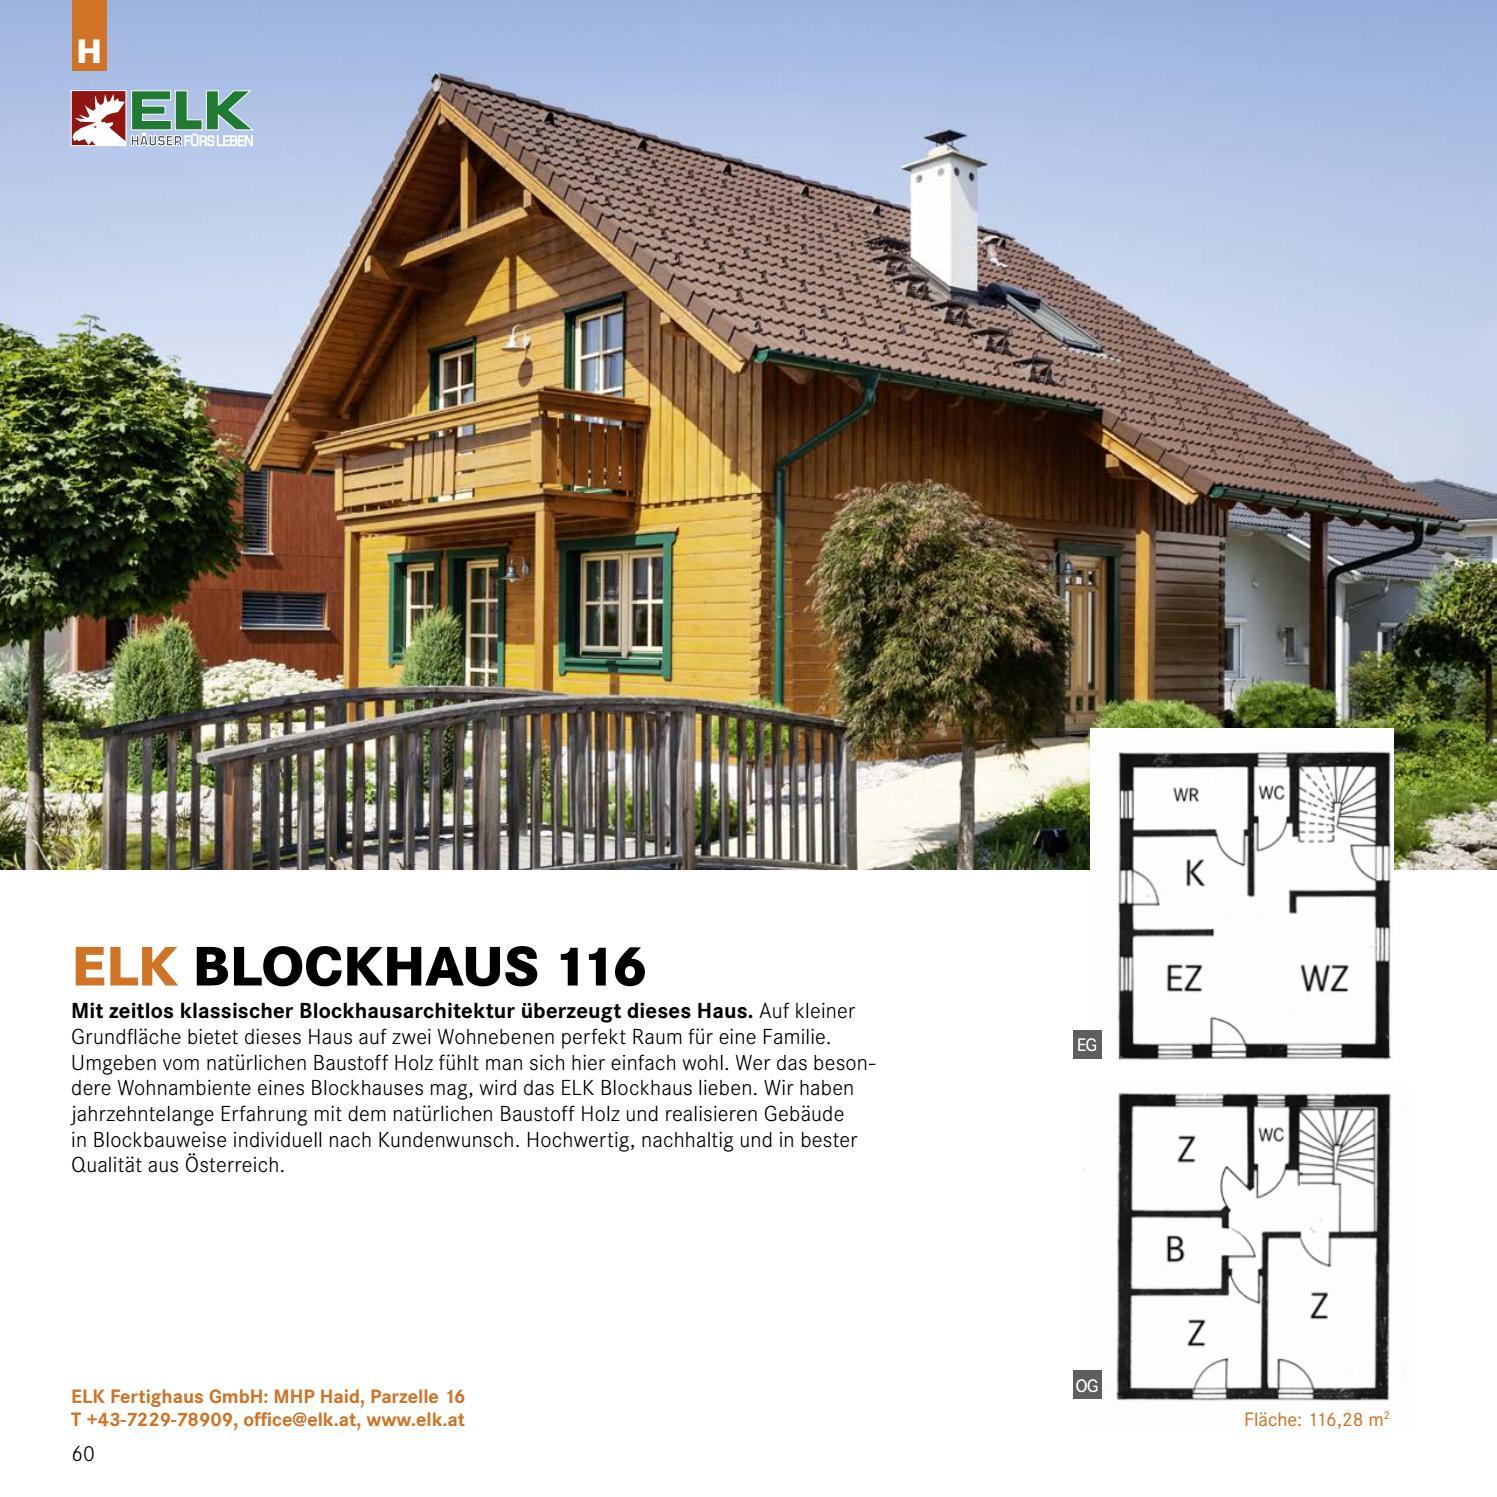 HÄUSER 2016/17 by Prock und Prock Marktkommunikation - issuu